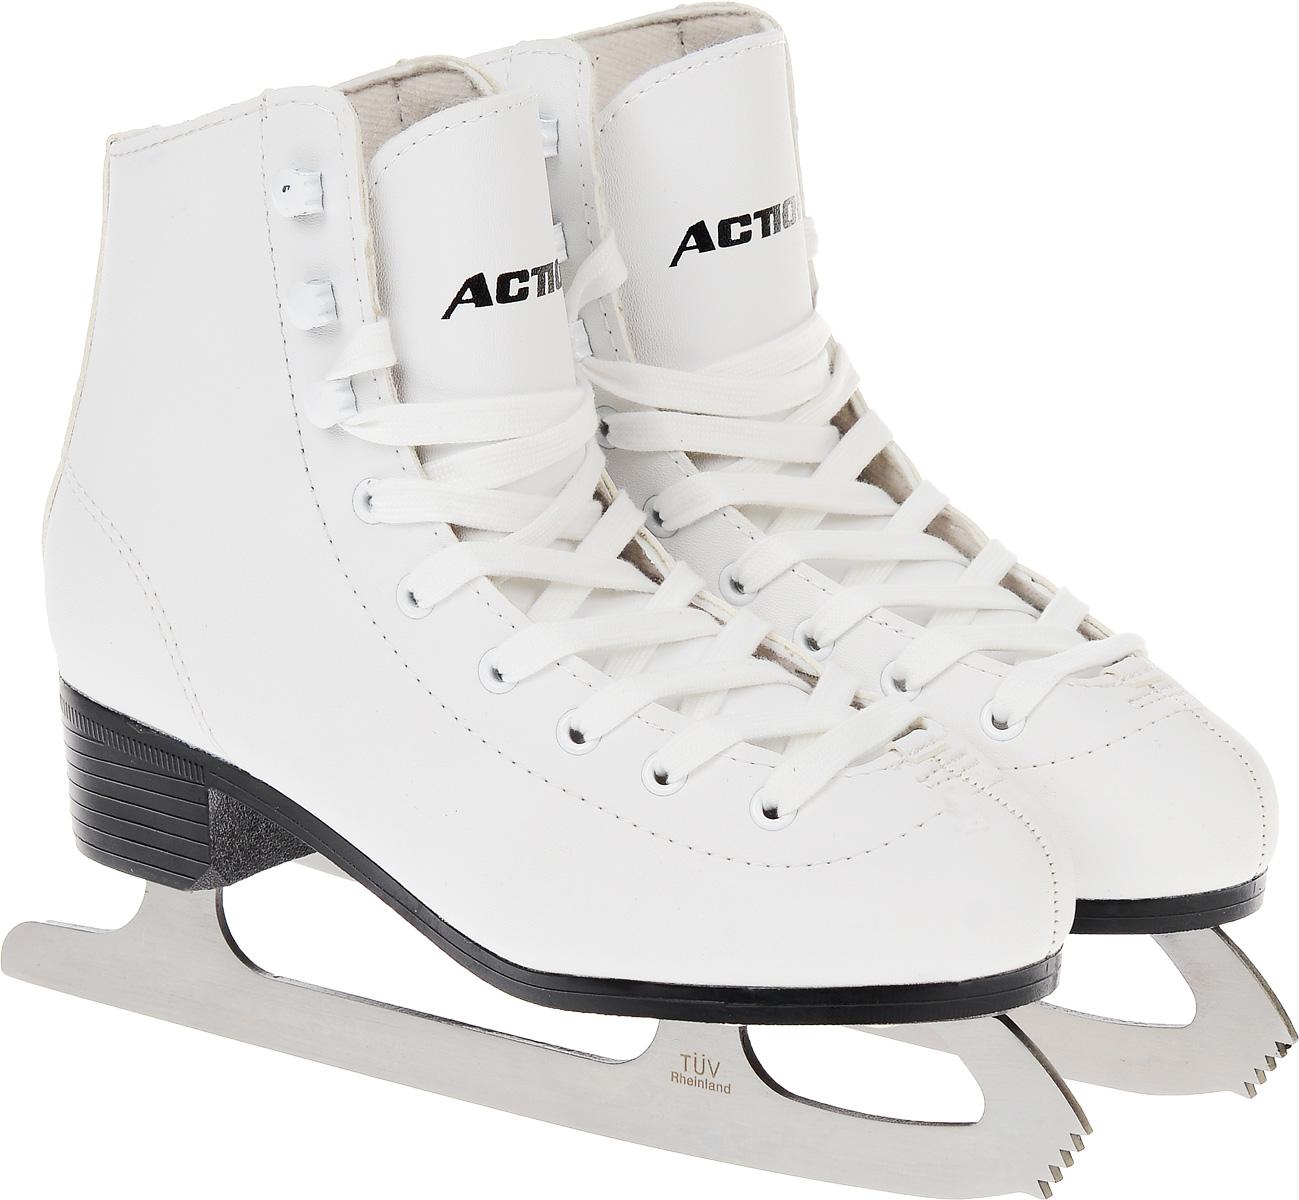 Коньки фигурные женские Action Sporting Goods, цвет: белый. PW-215. Размер 40PW-215_белый_40Высокий классический ботинок идеально подойдет для любительского катания. Модель снабжена системой быстрой шнуровки и поддержкой голеностопа. Верх ботинка выполнен из высококачественной искусственной кожи, подошва - твердый пластик.Лезвие изготовлено из нержавеющей стали со специальным покрытием, придающим дополнительную прочность.